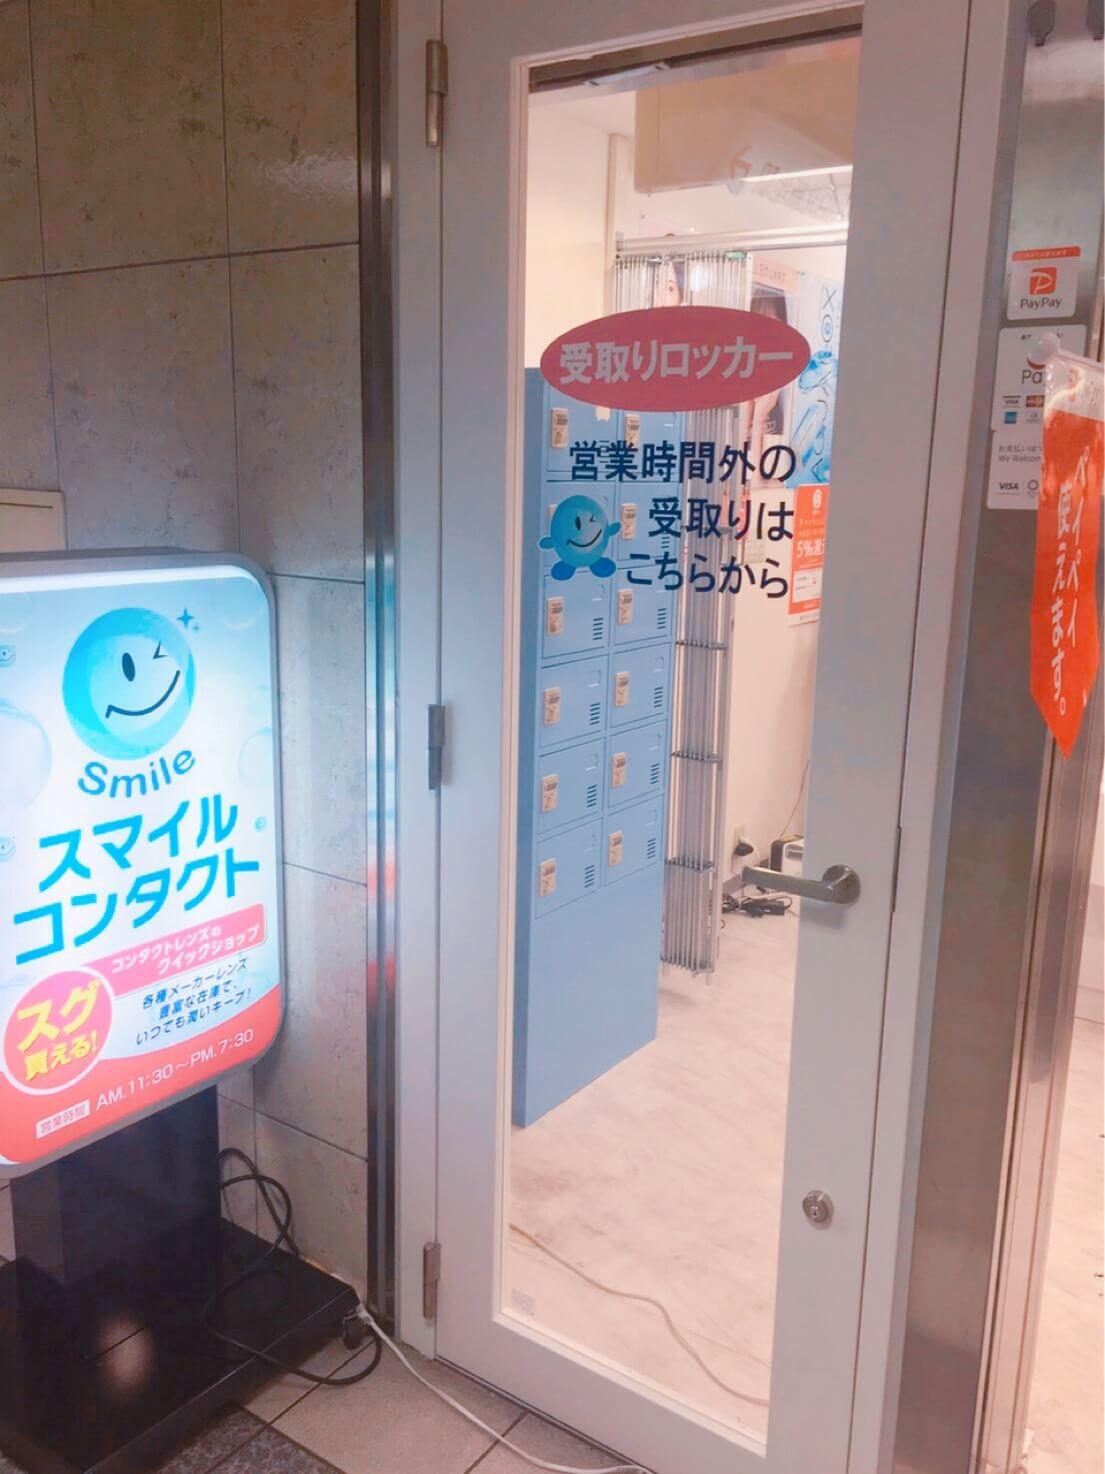 スマイルコンタクト コンタクトレンズ 大阪